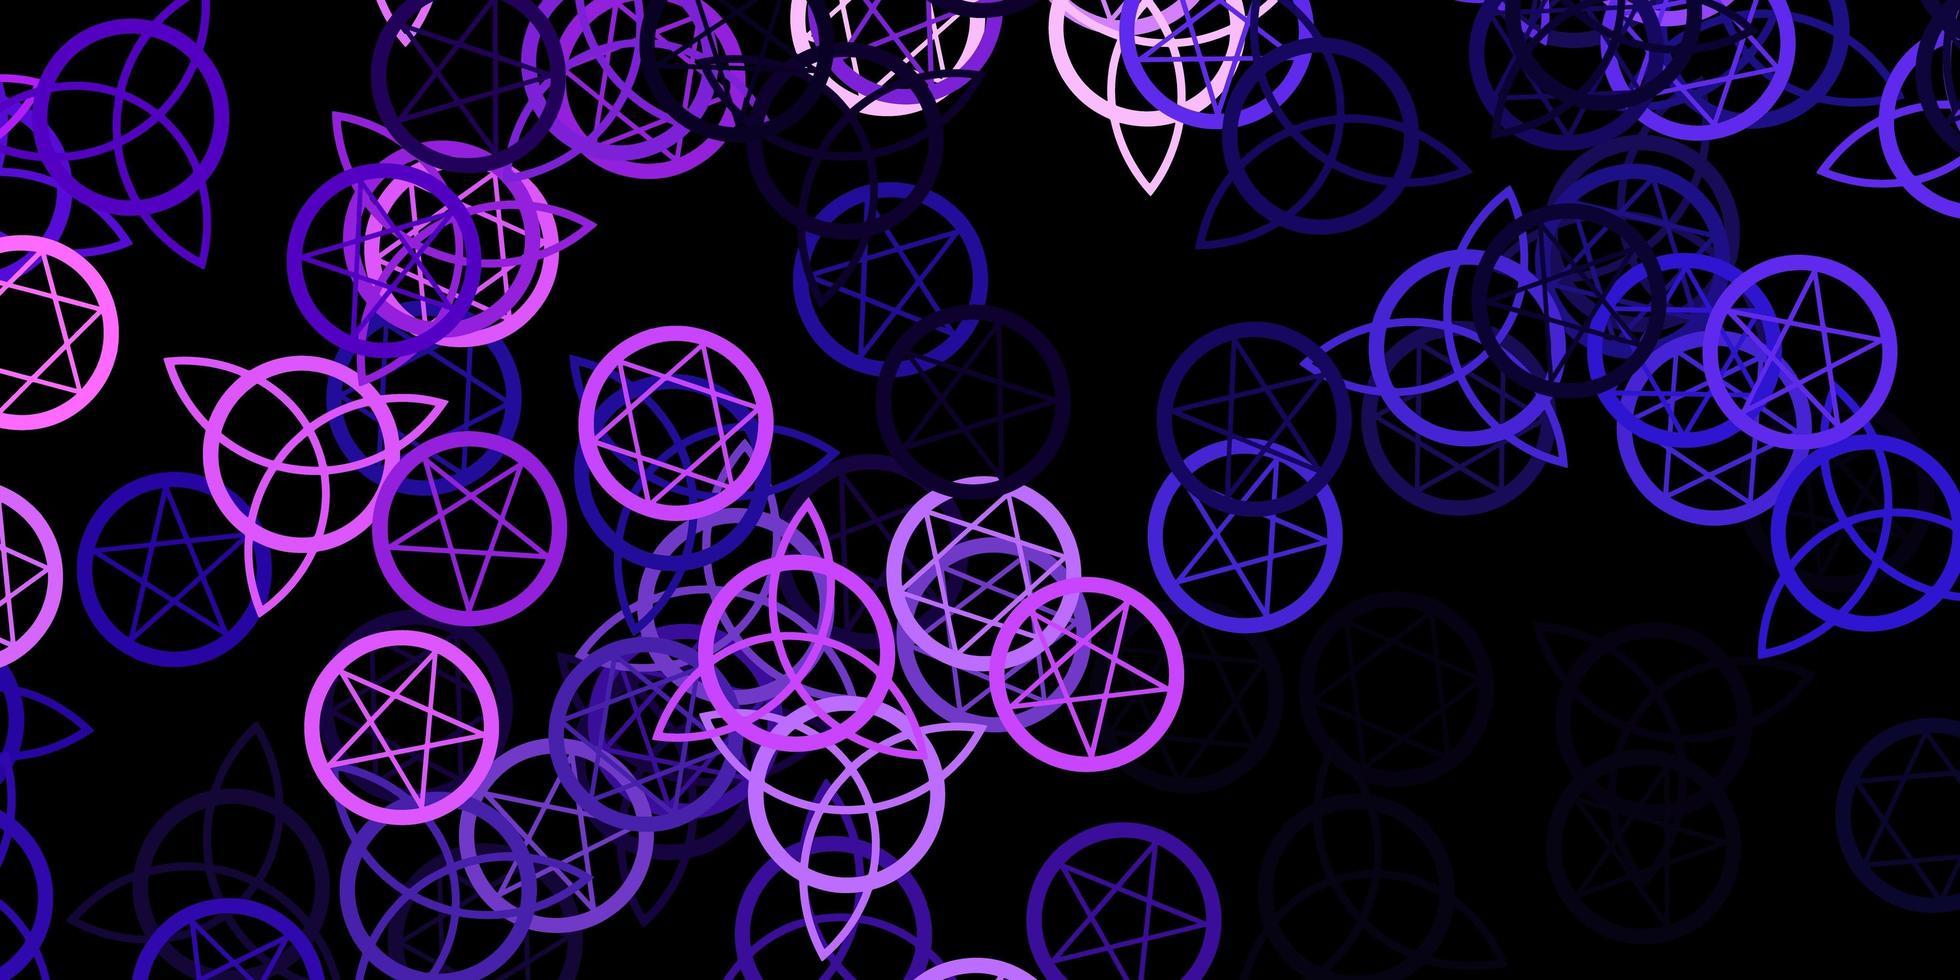 dunkelvioletter Vektorhintergrund mit okkulten Symbolen. vektor